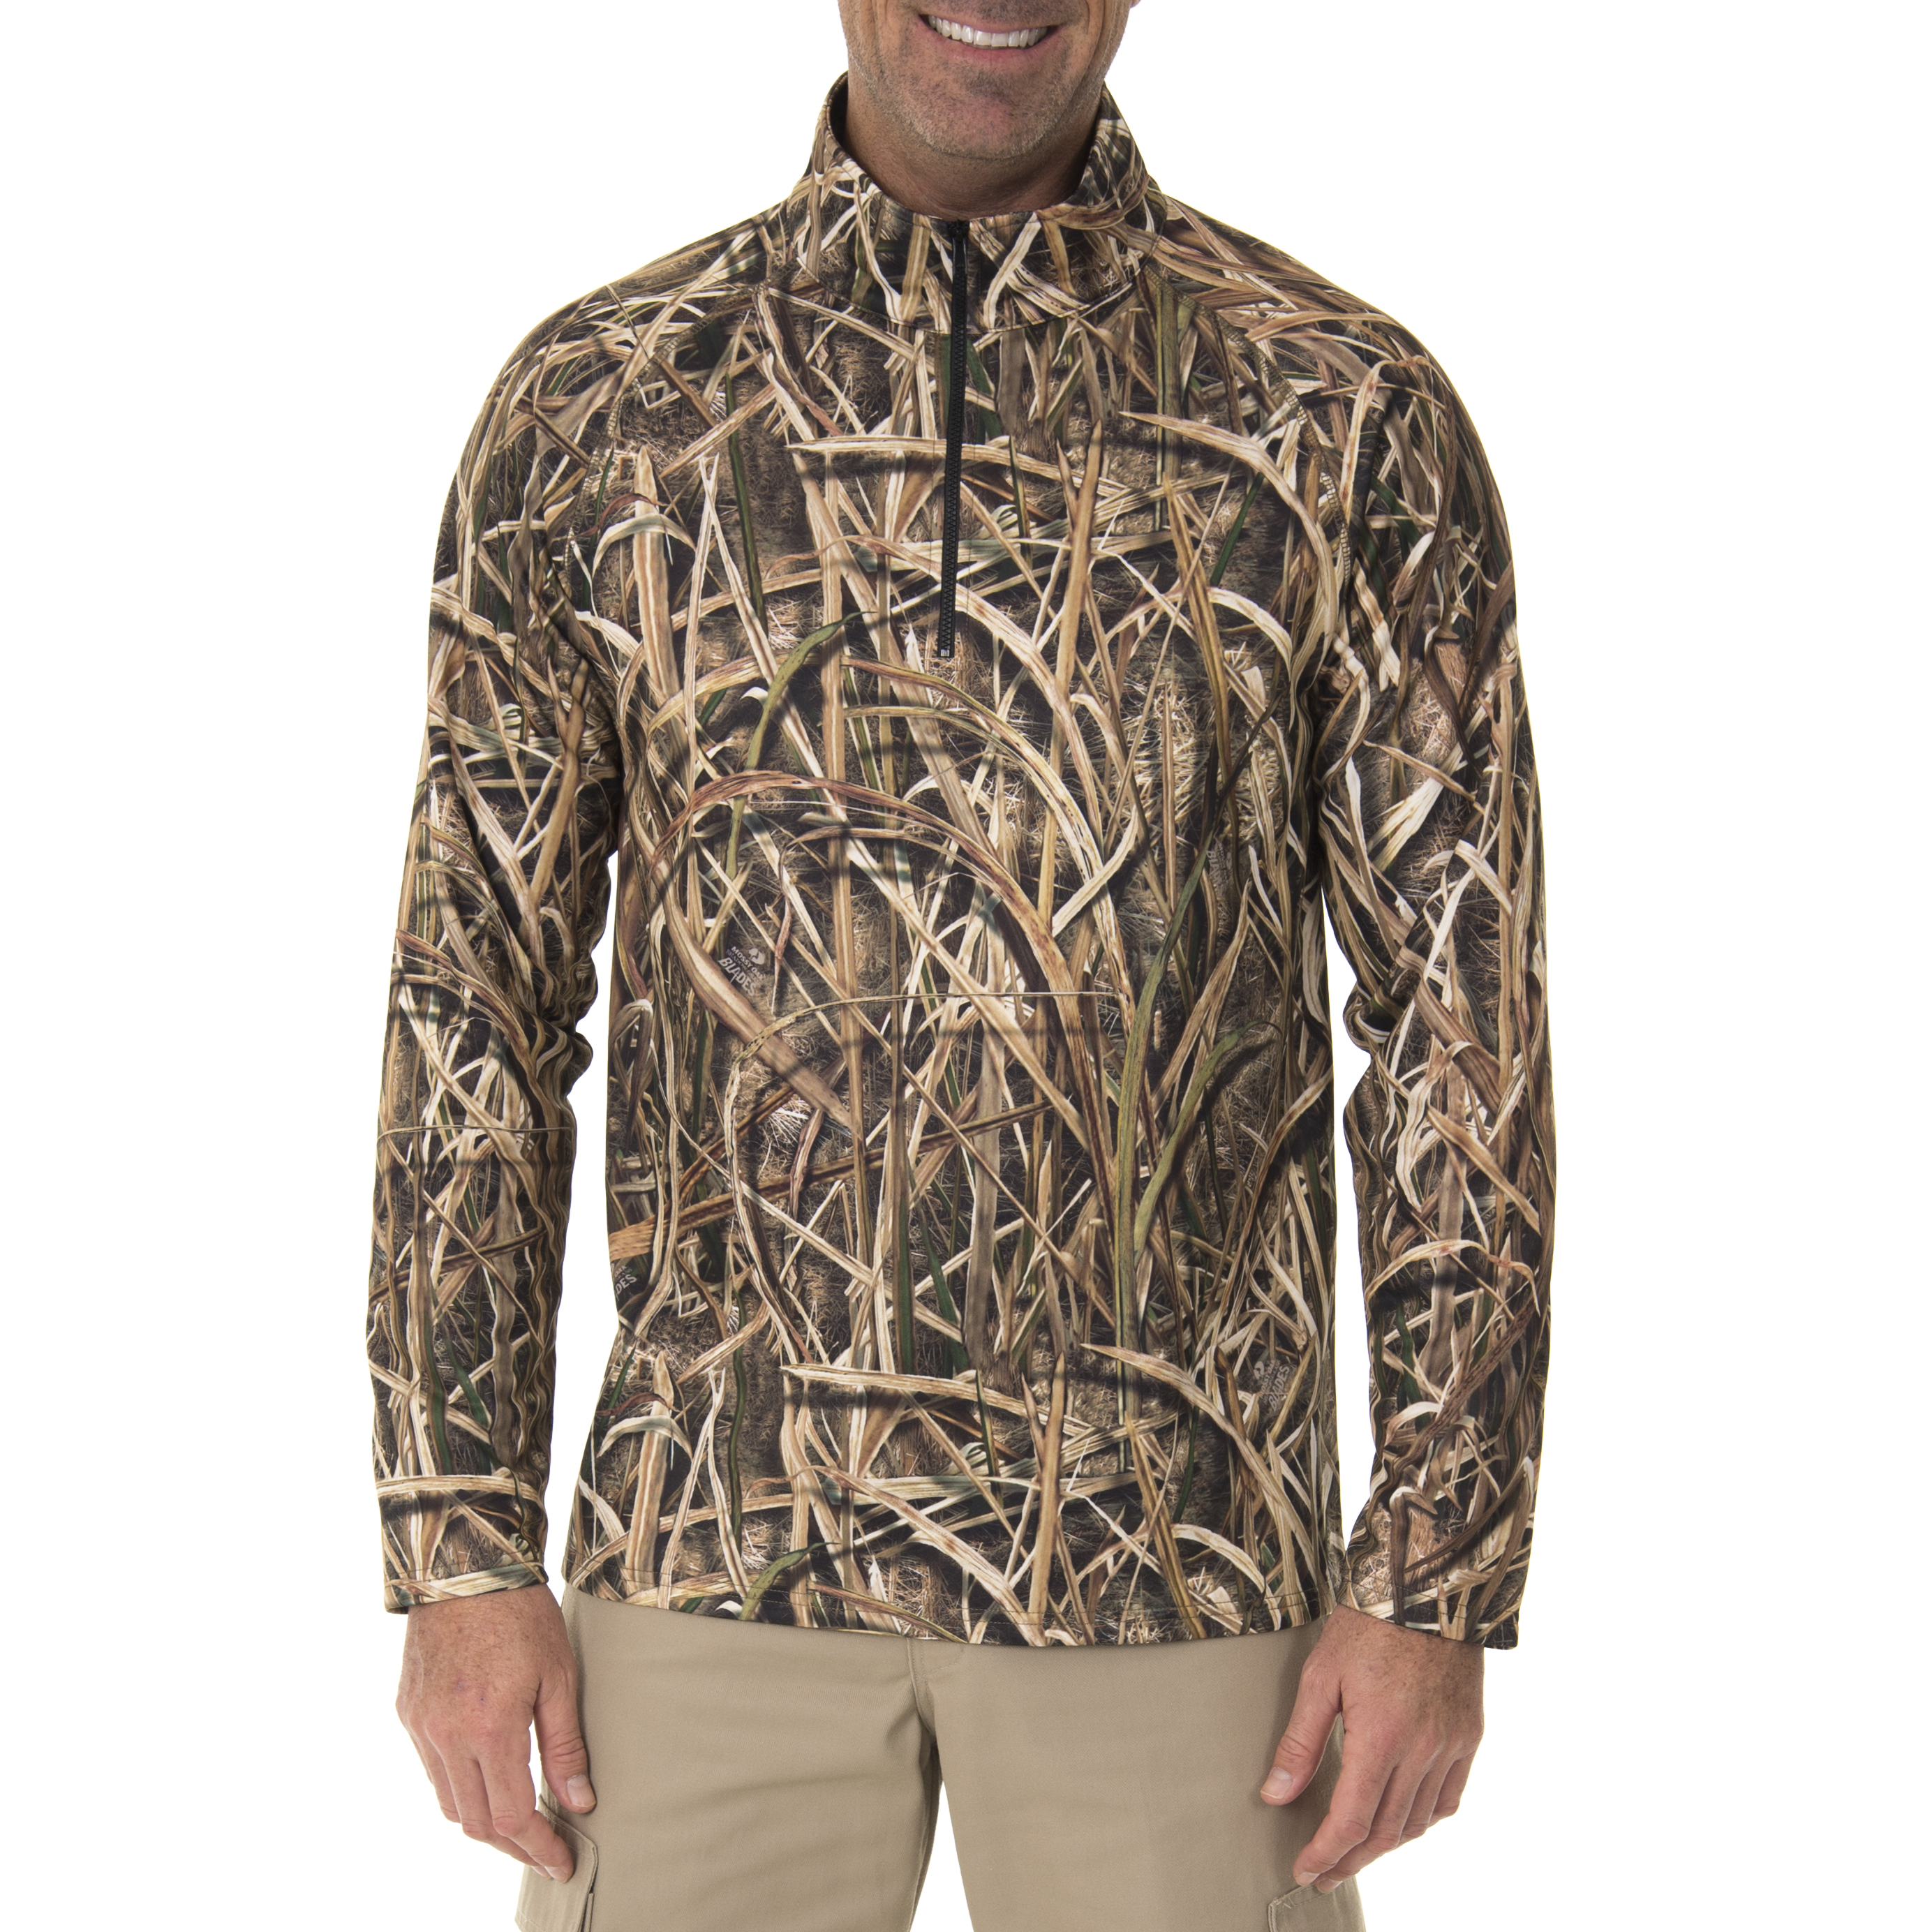 Realtree & Mossy Oak Men's Fleece Performance Camo 1 4 Zip Jacket by INTRADECO